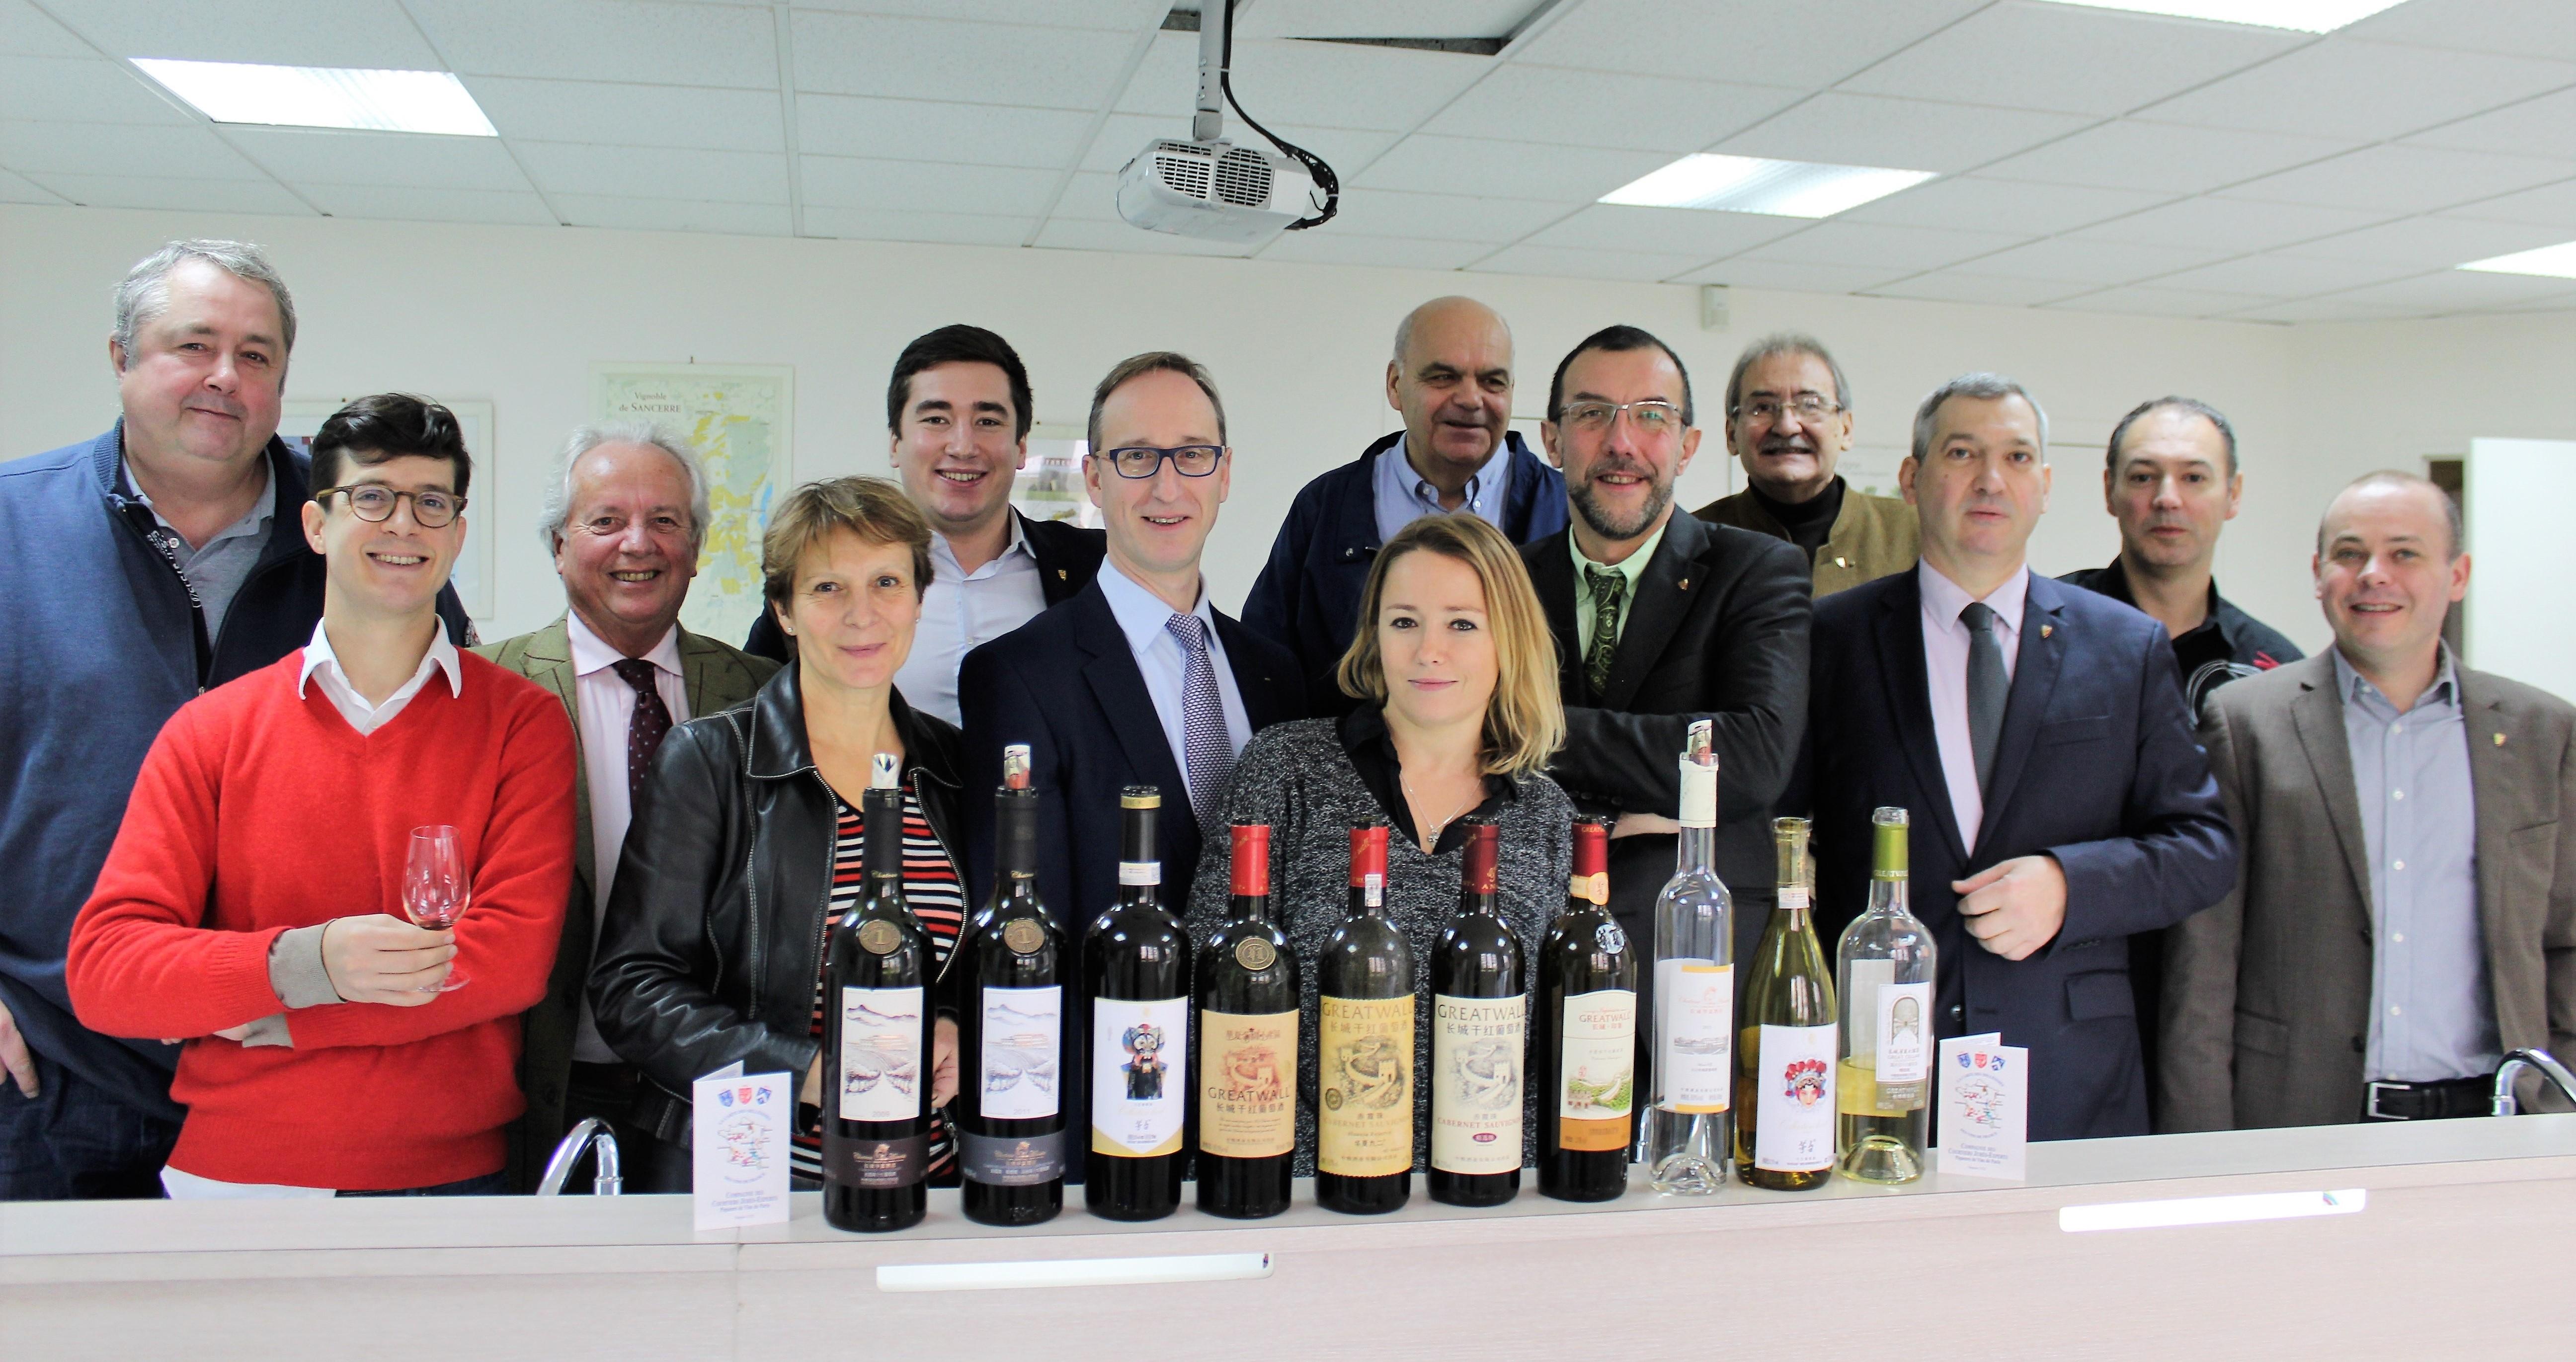 Les courtiers de la Compagnie devant la série de vins chinois